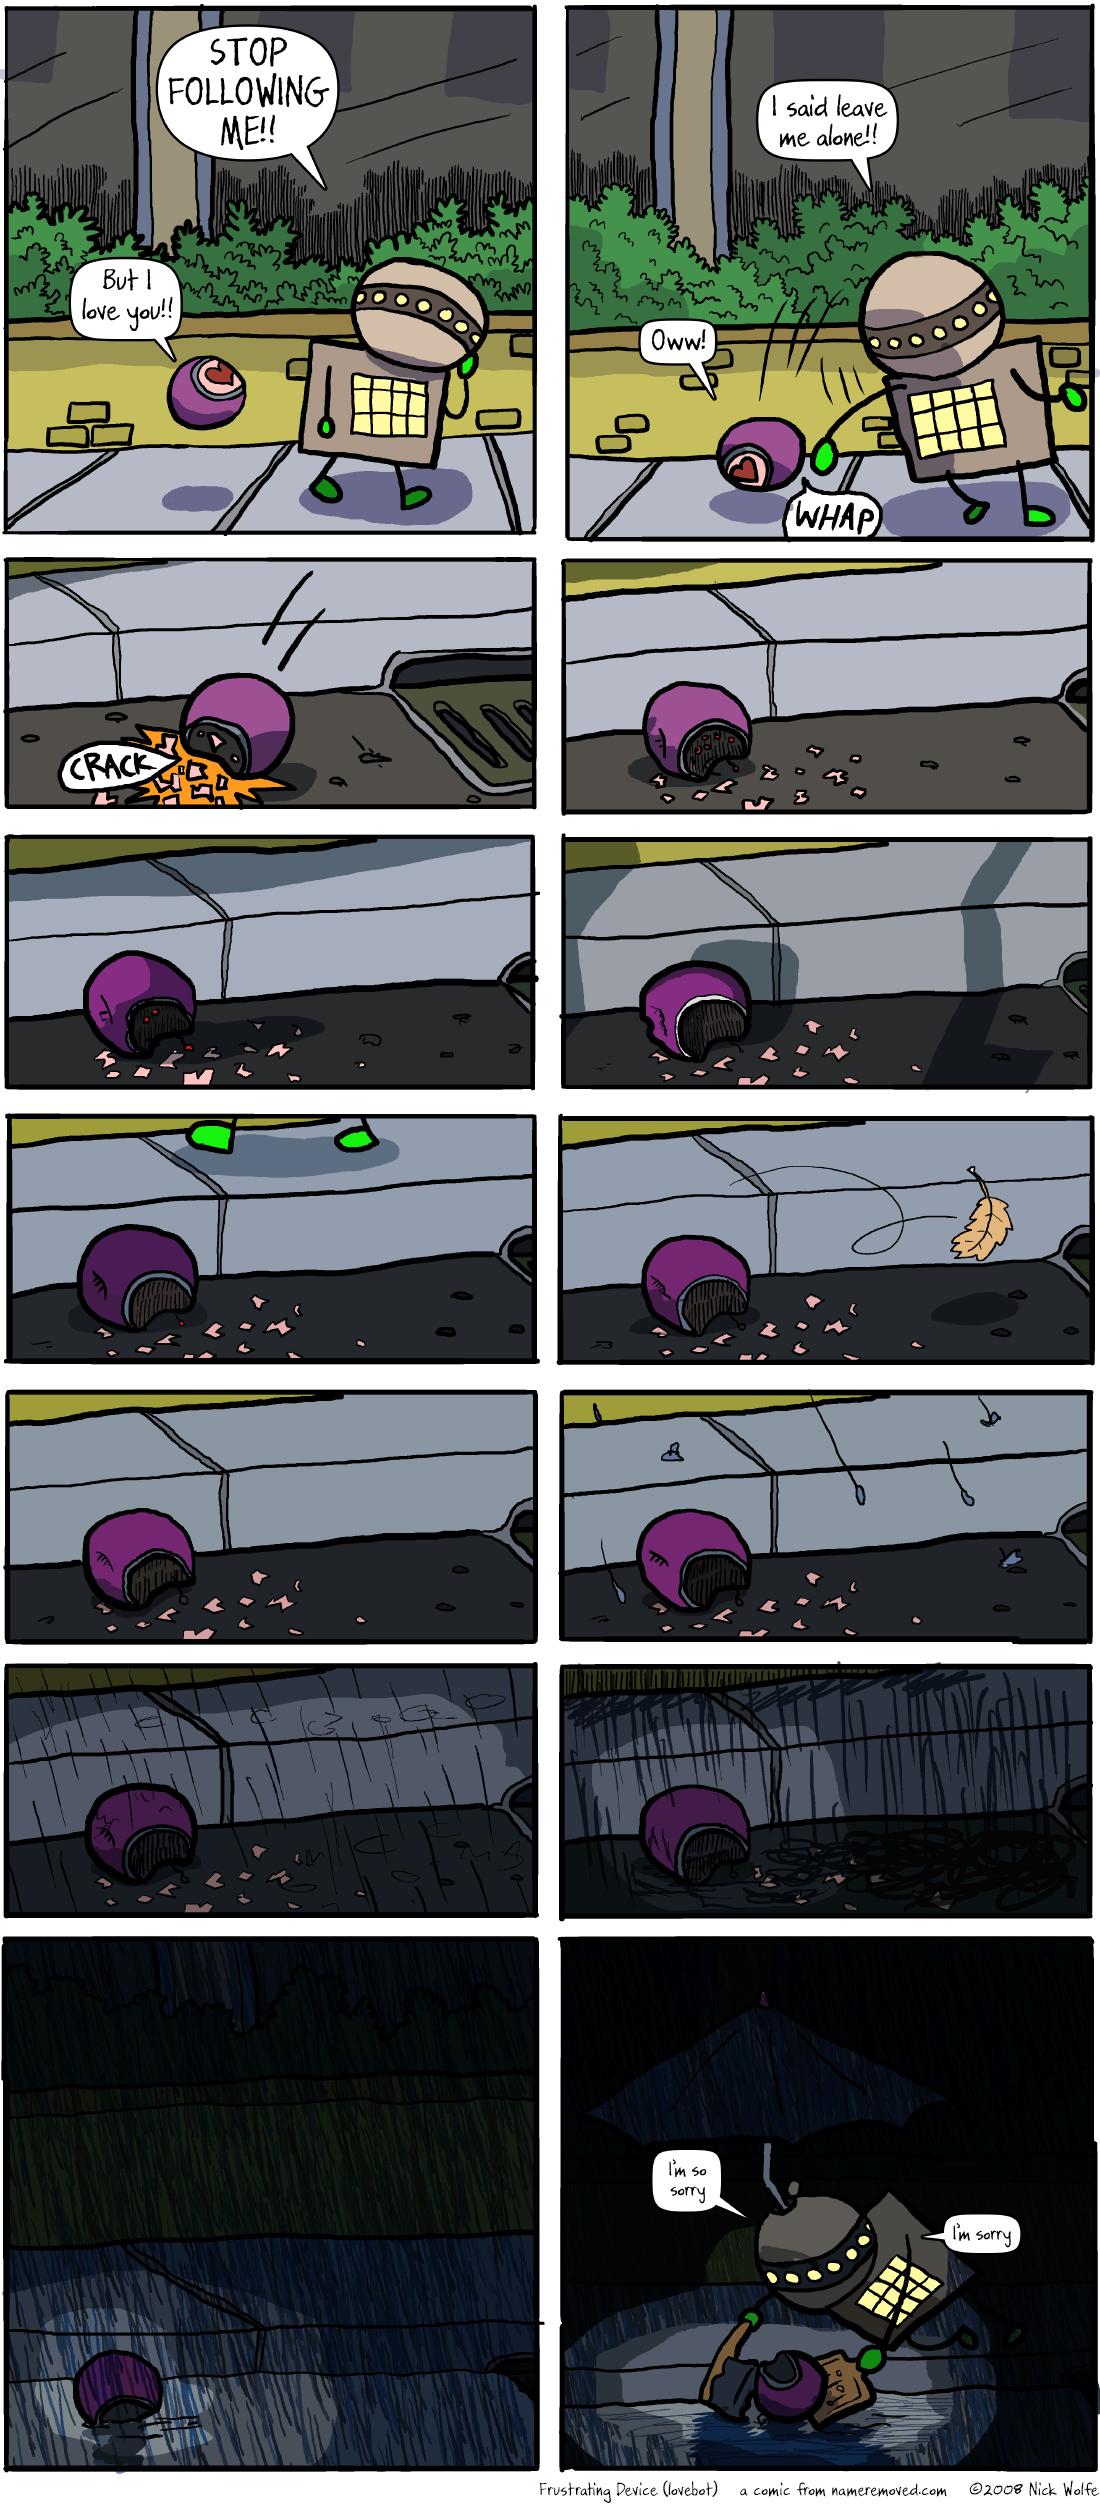 Frustrating Device (lovebot)